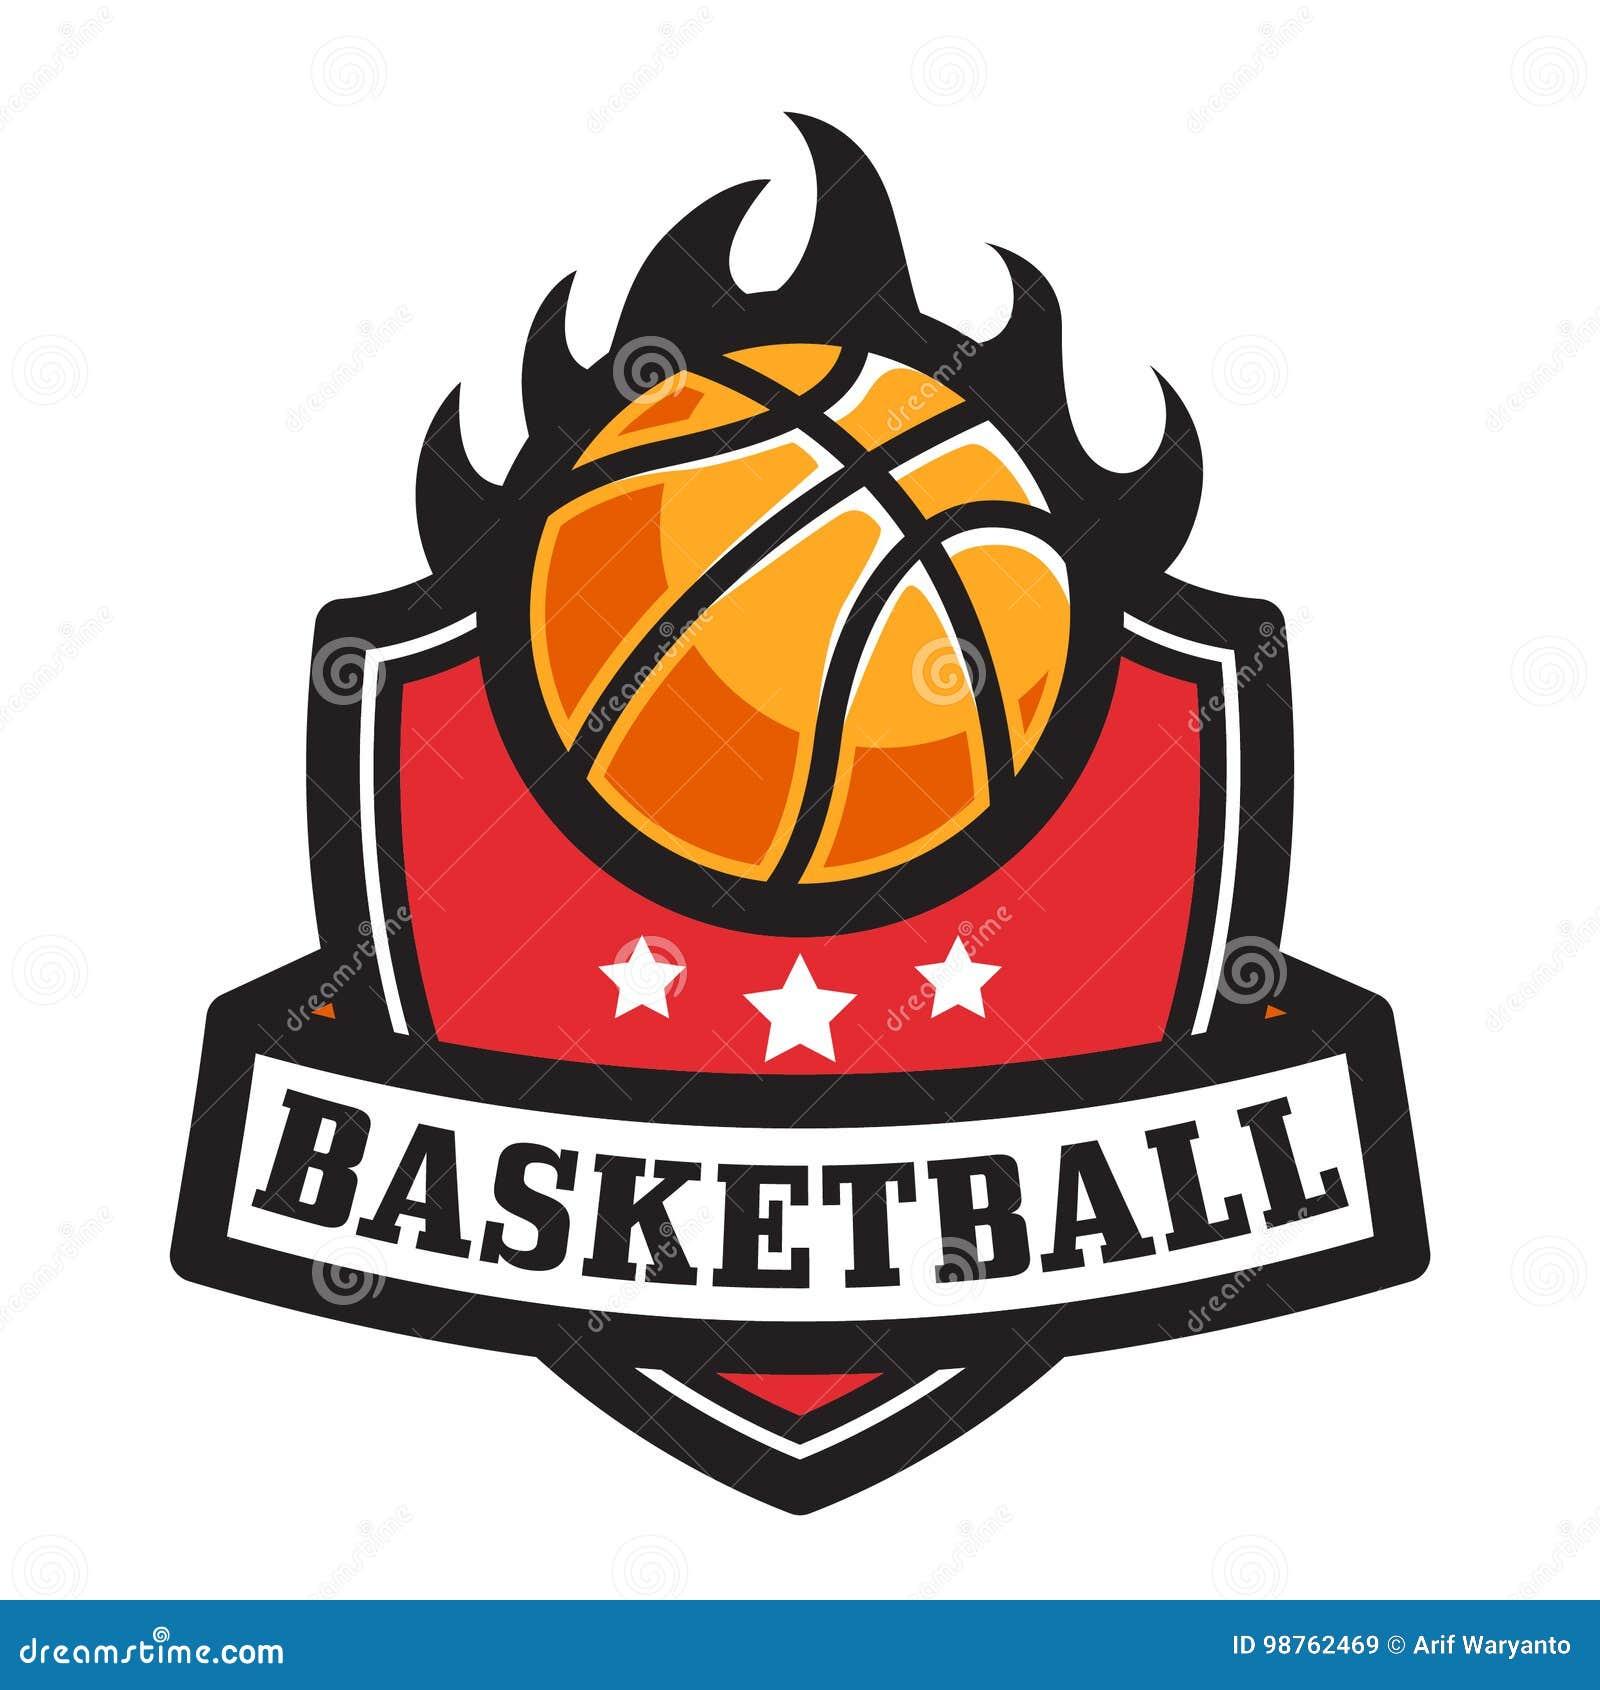 Basketemblem